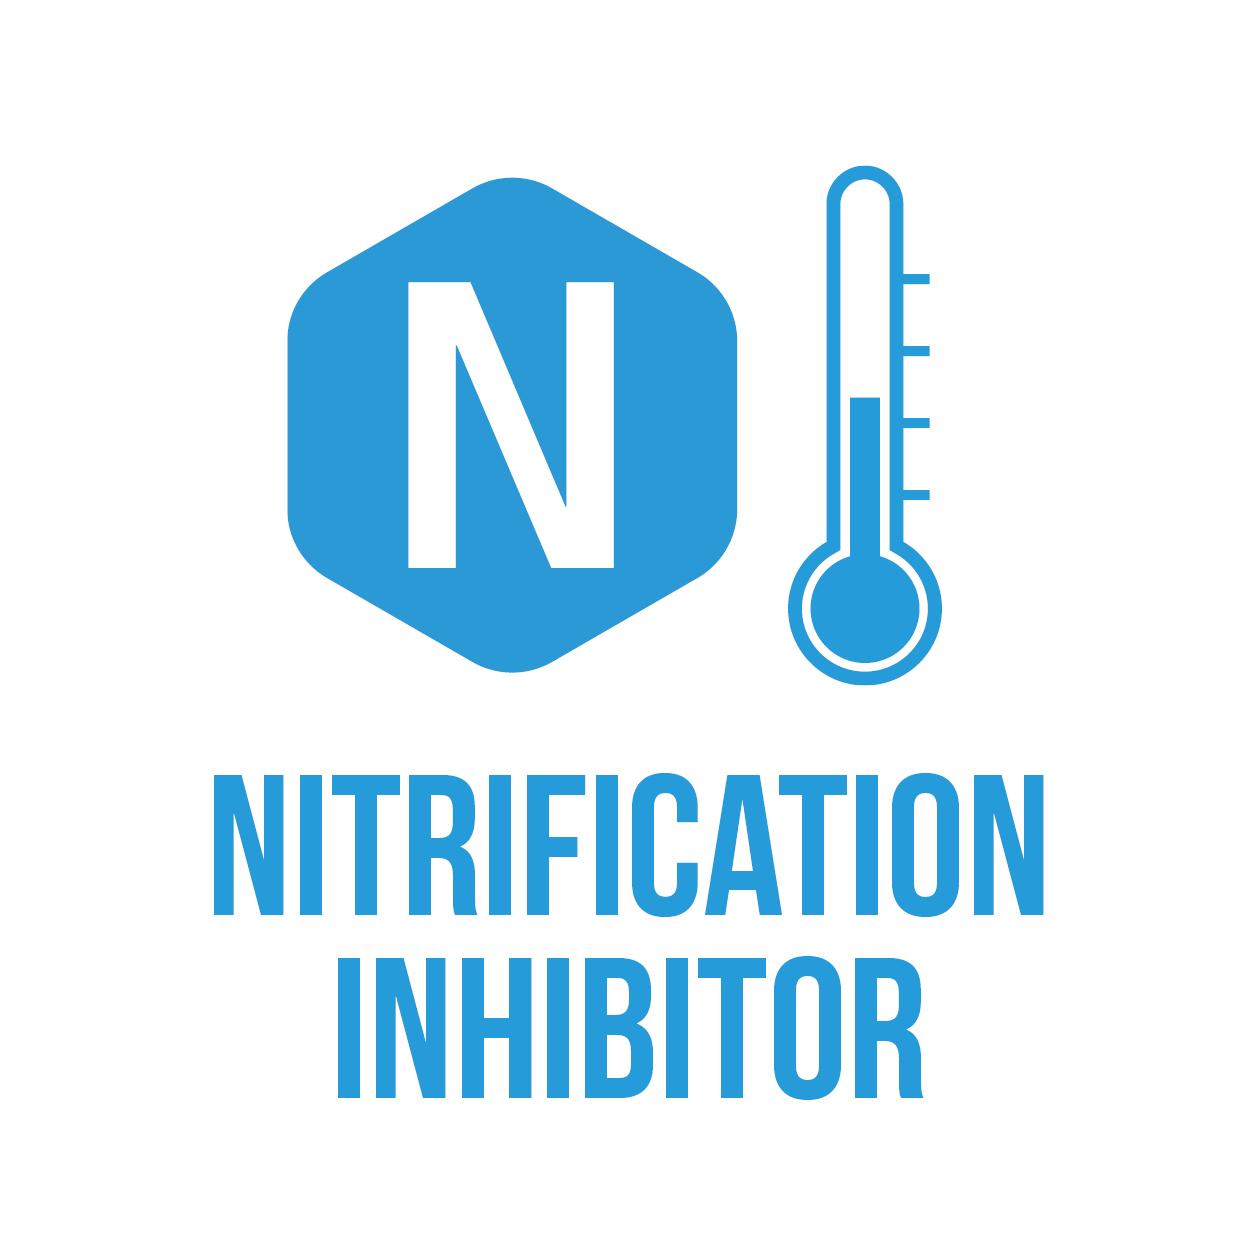 icon-nitrificationinhibitor-square.jpg